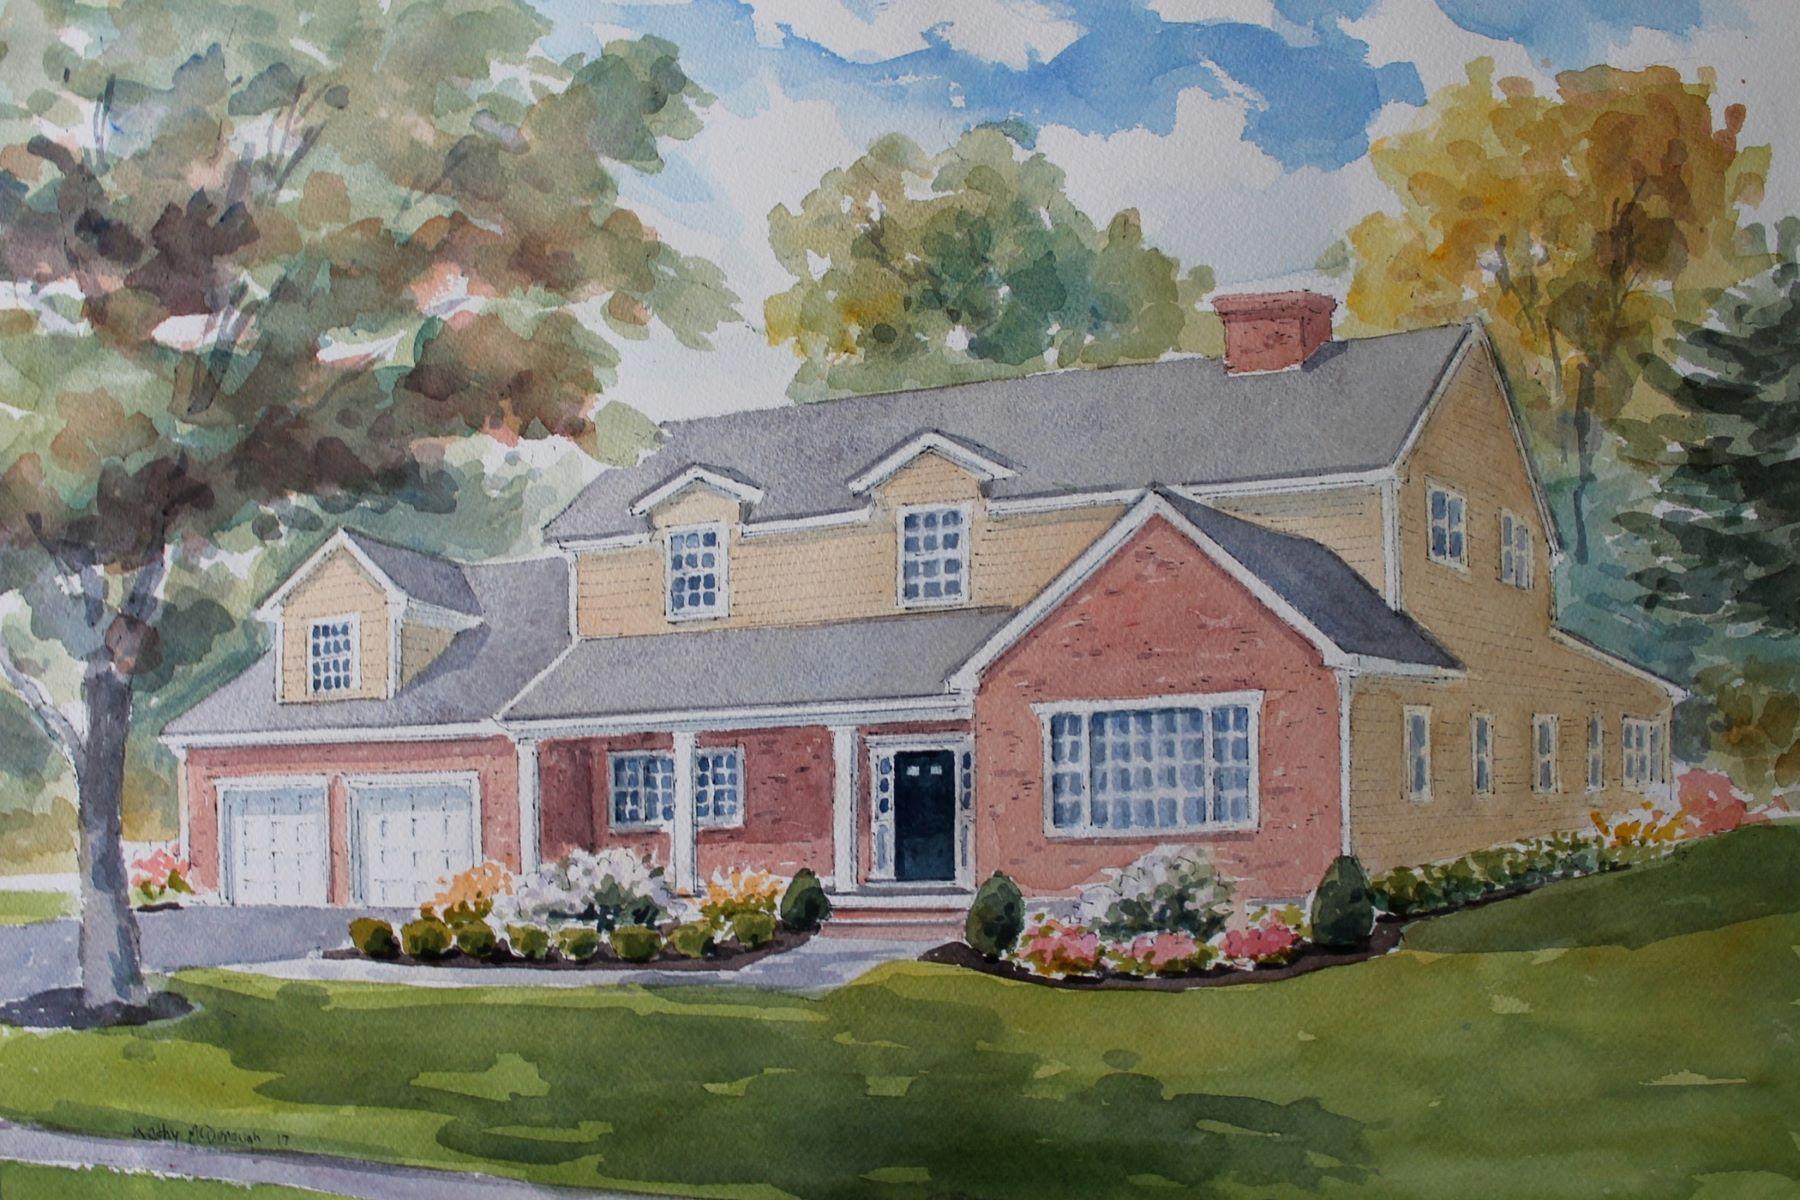 Частный односемейный дом для того Продажа на Endearing Colonial 29 Nickerson Road Lexington, Массачусетс, 02421 Соединенные Штаты